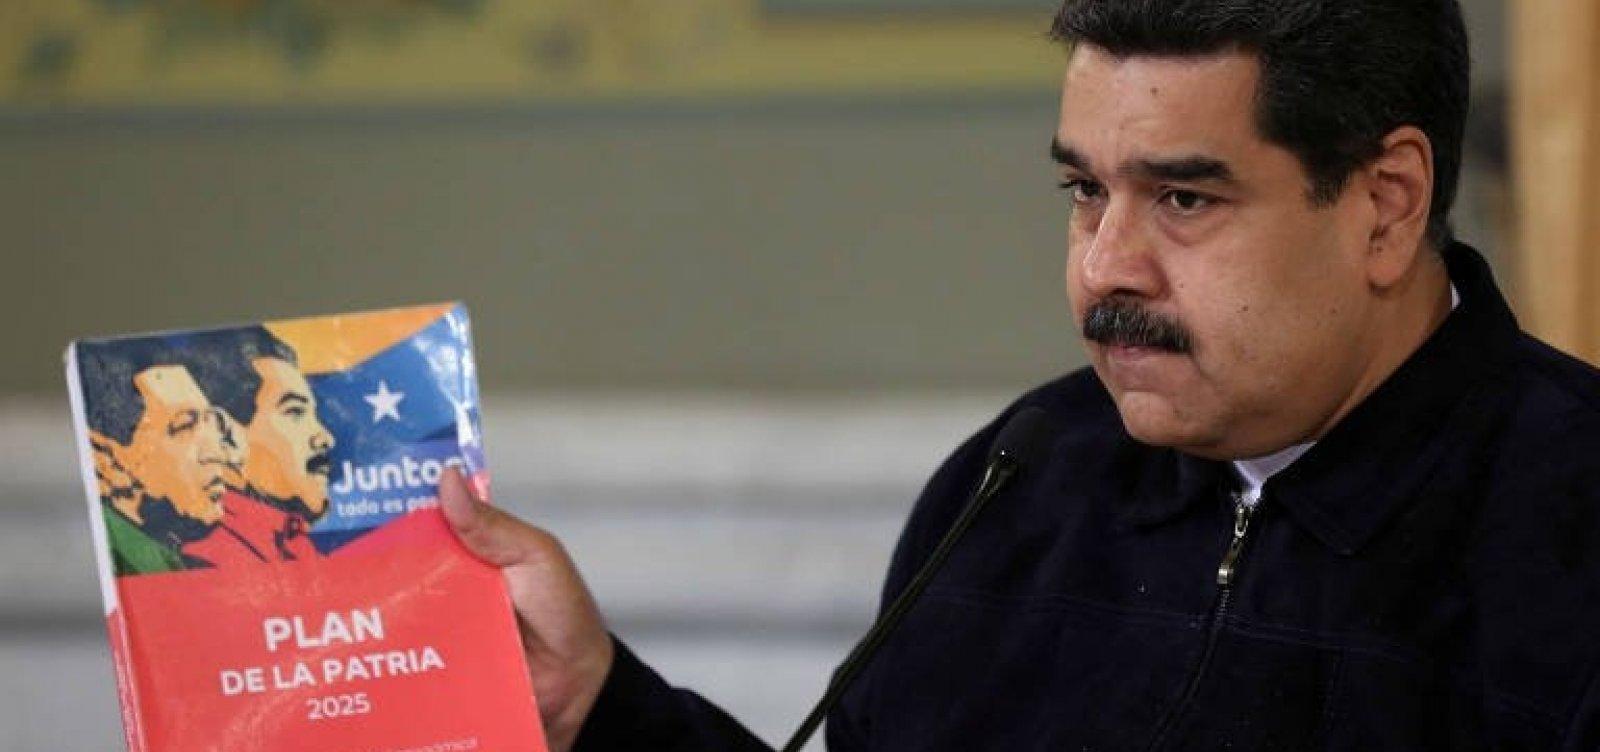 [Colômbia tem interesse em aliança com Bolsonaro para realizar intervenção militar na Venezuela]